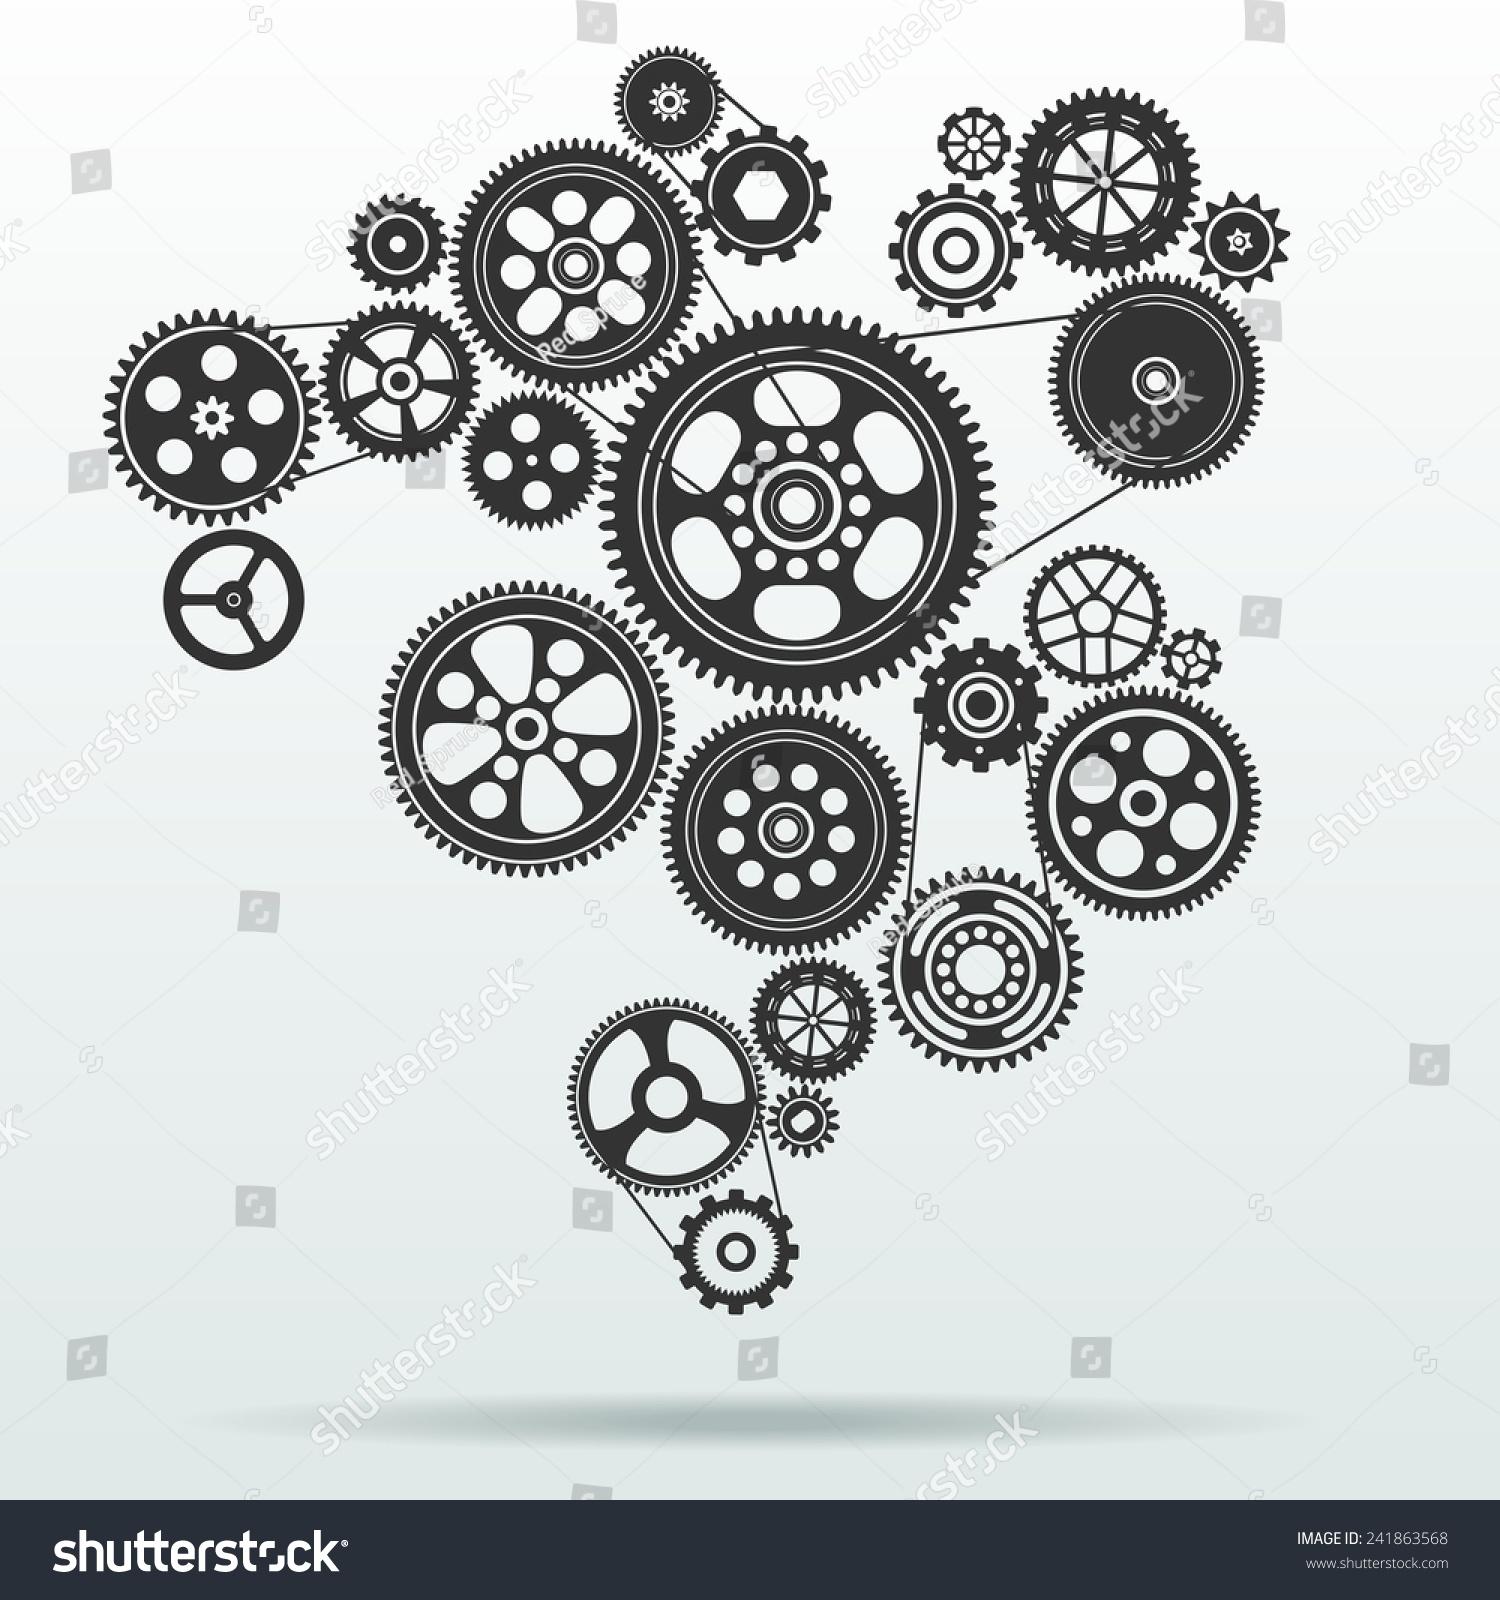 Gear Cogwheel Mechanism Background Vector Illustration ...